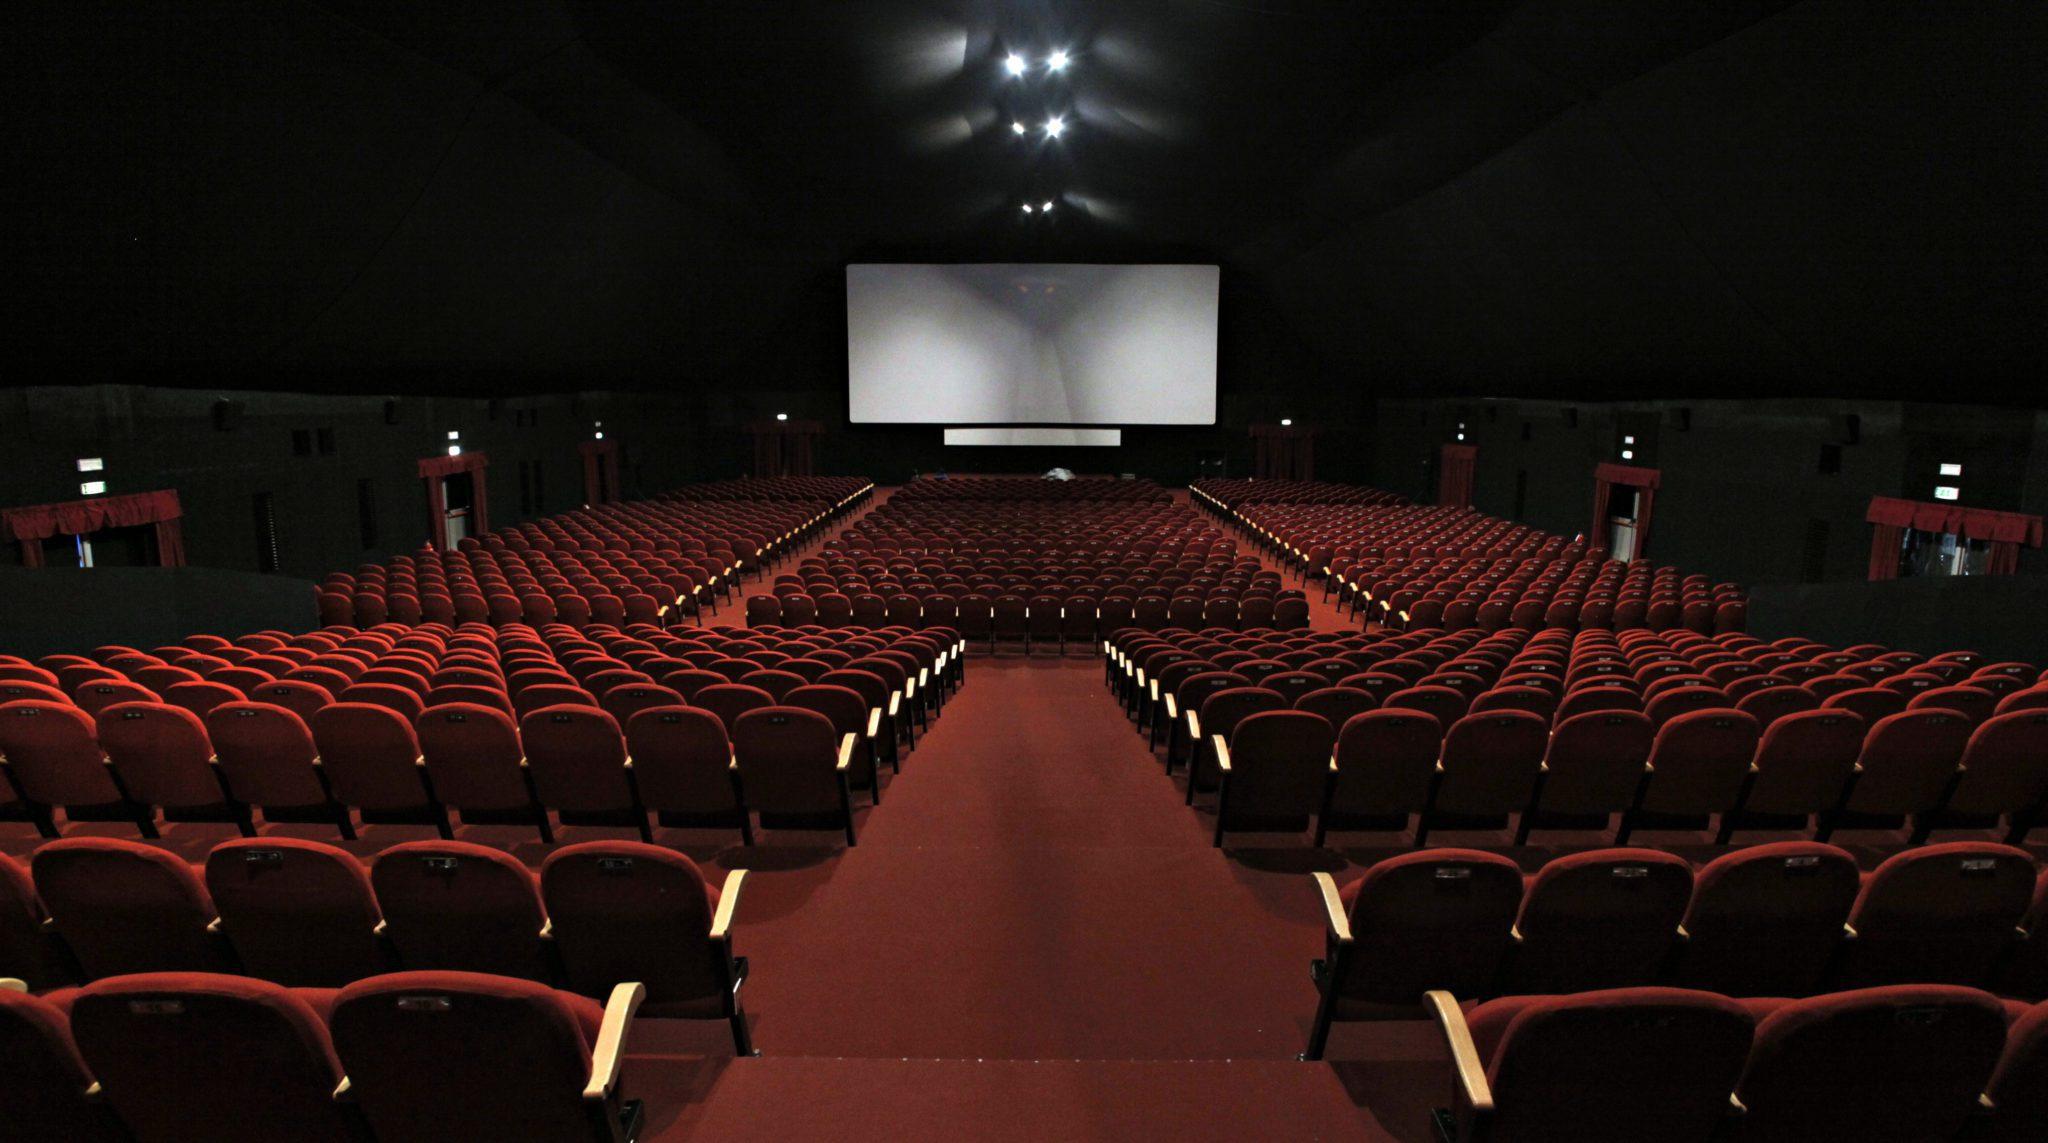 σινεμά